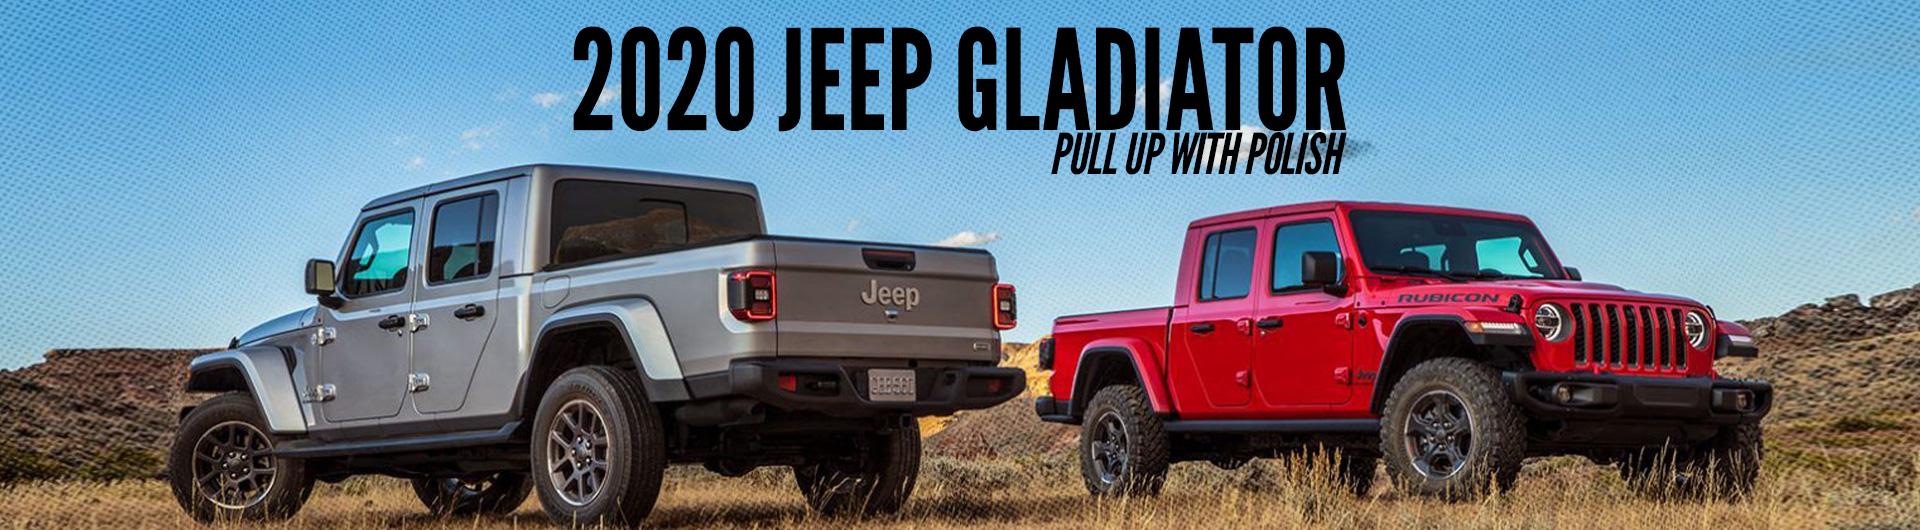 2020 Jeep Gladiator Dealer in Clifton Park, NY | Zappone CJDR